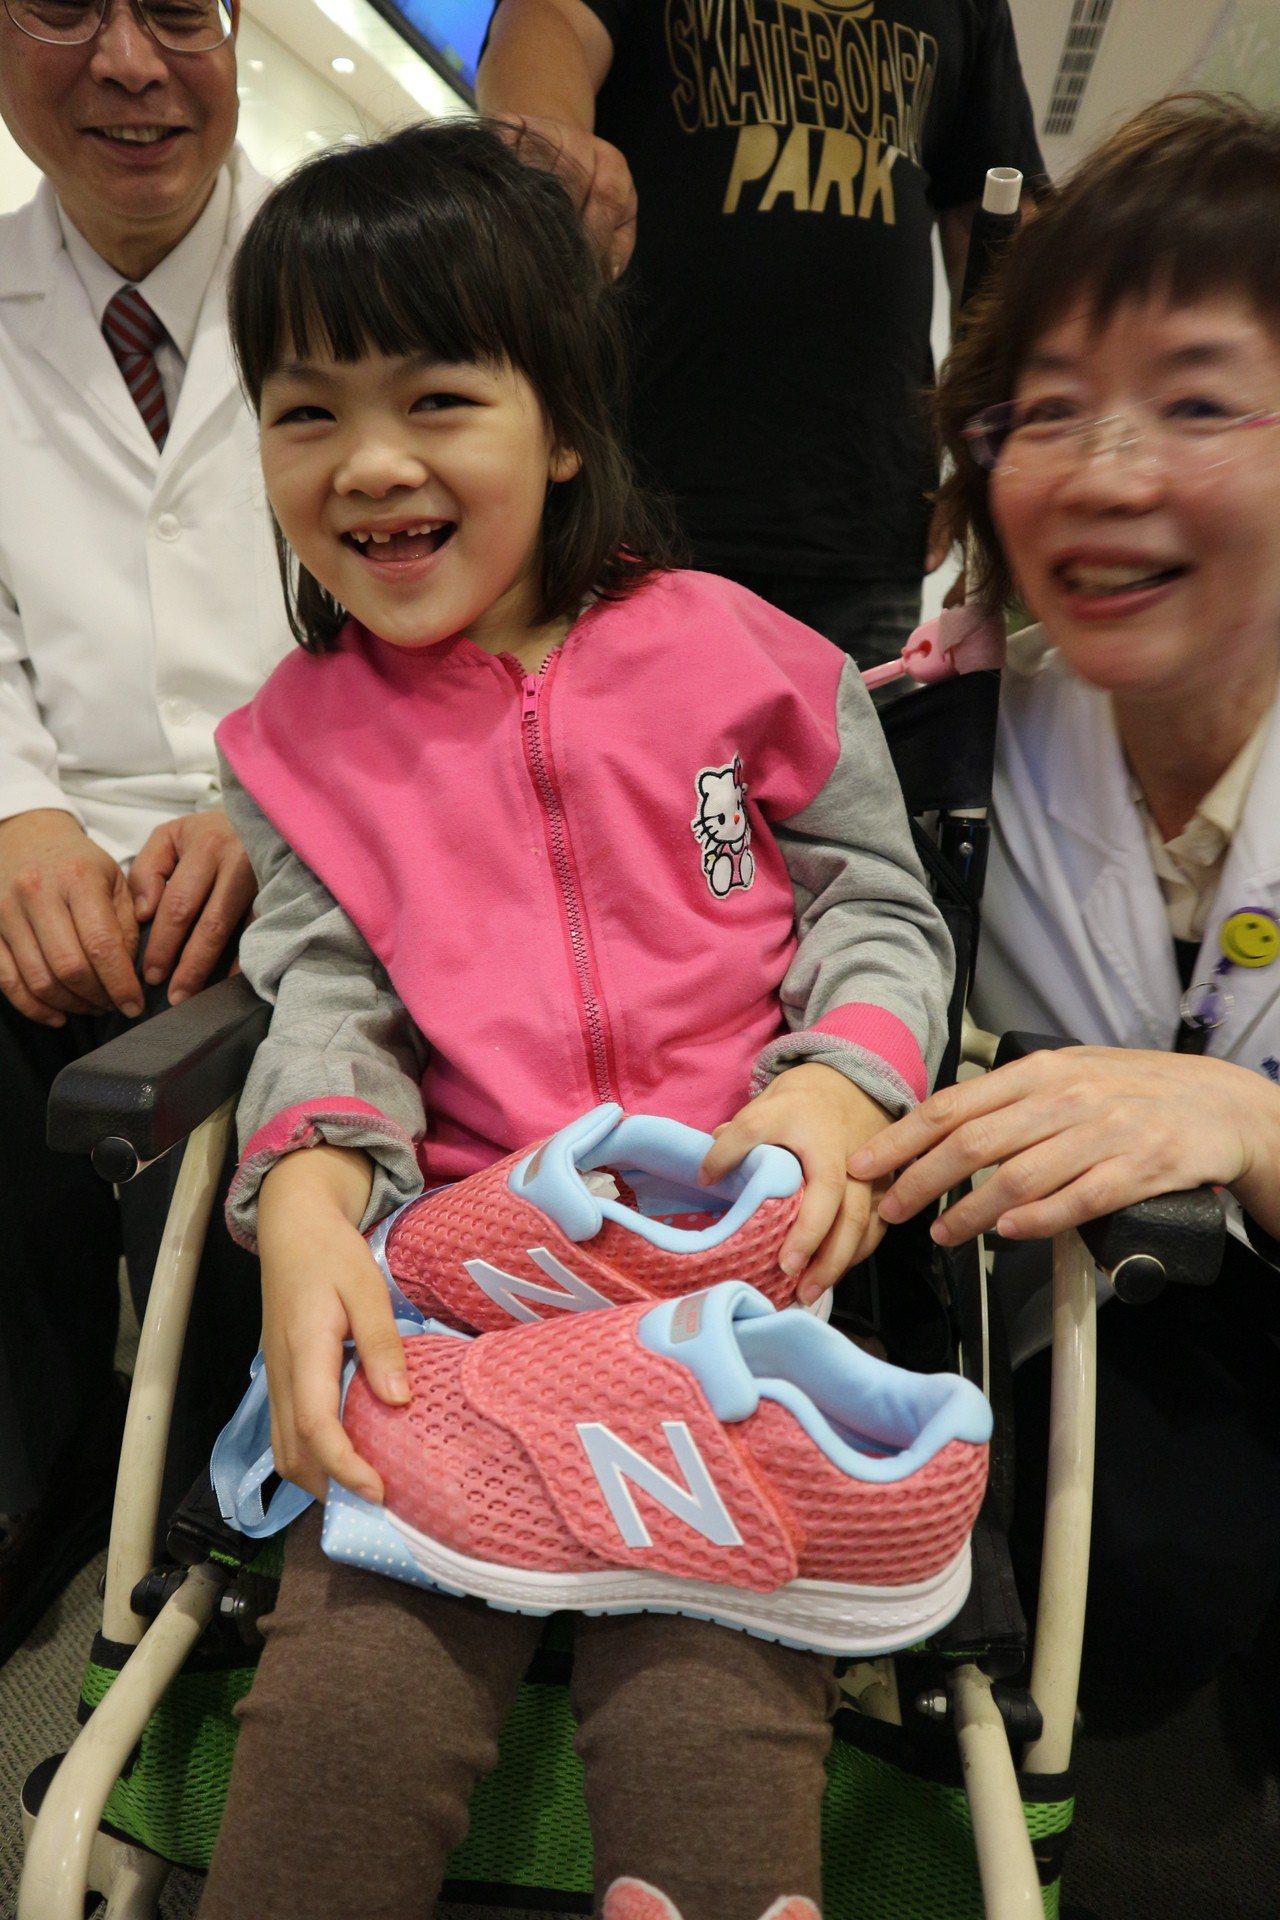 台北醫學大學附設醫院復健團隊送給小欣一雙新鞋,希望小欣能安全走路上學。記者陳雨鑫...